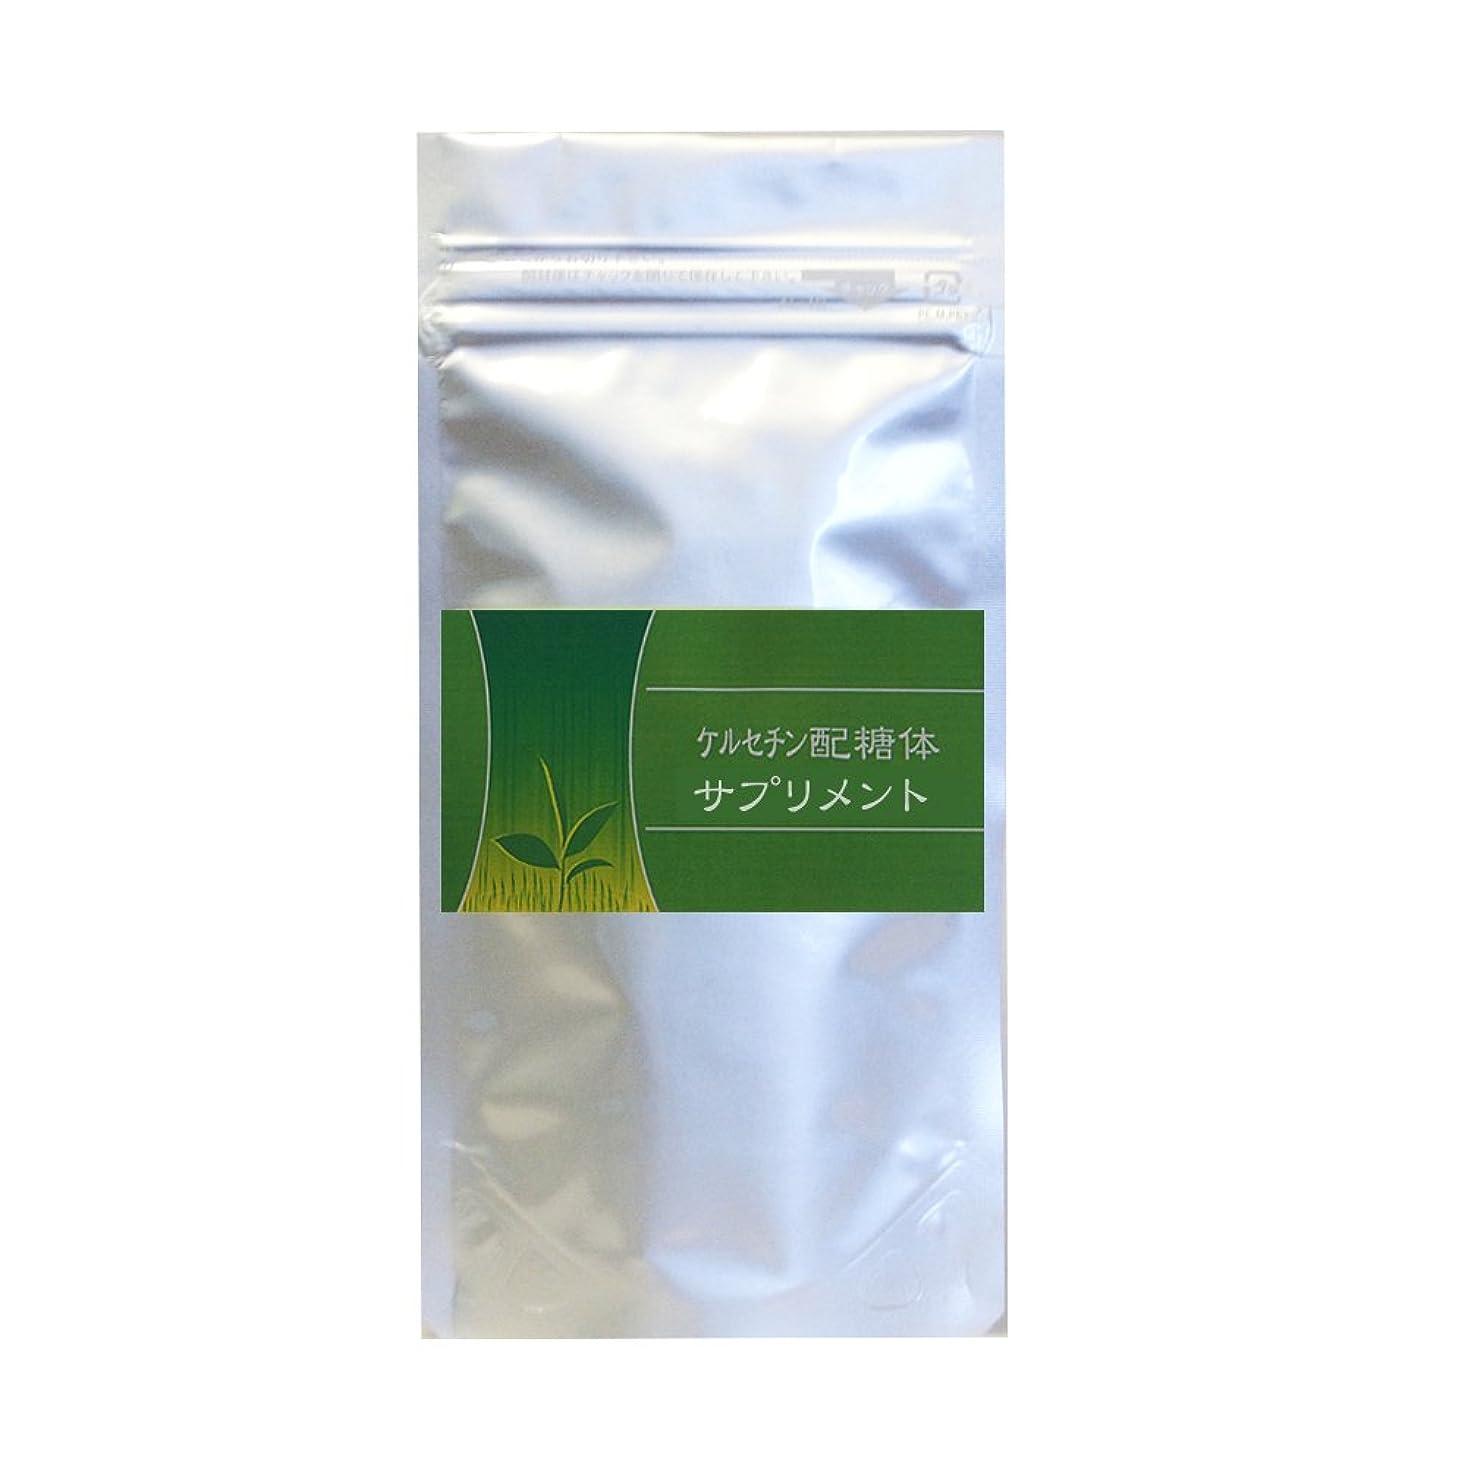 高潔なペースト喜びケルセチン配糖体サプリメント90粒(約1ヶ月分) ケルセチン サプリ カプセル エンジュ由来